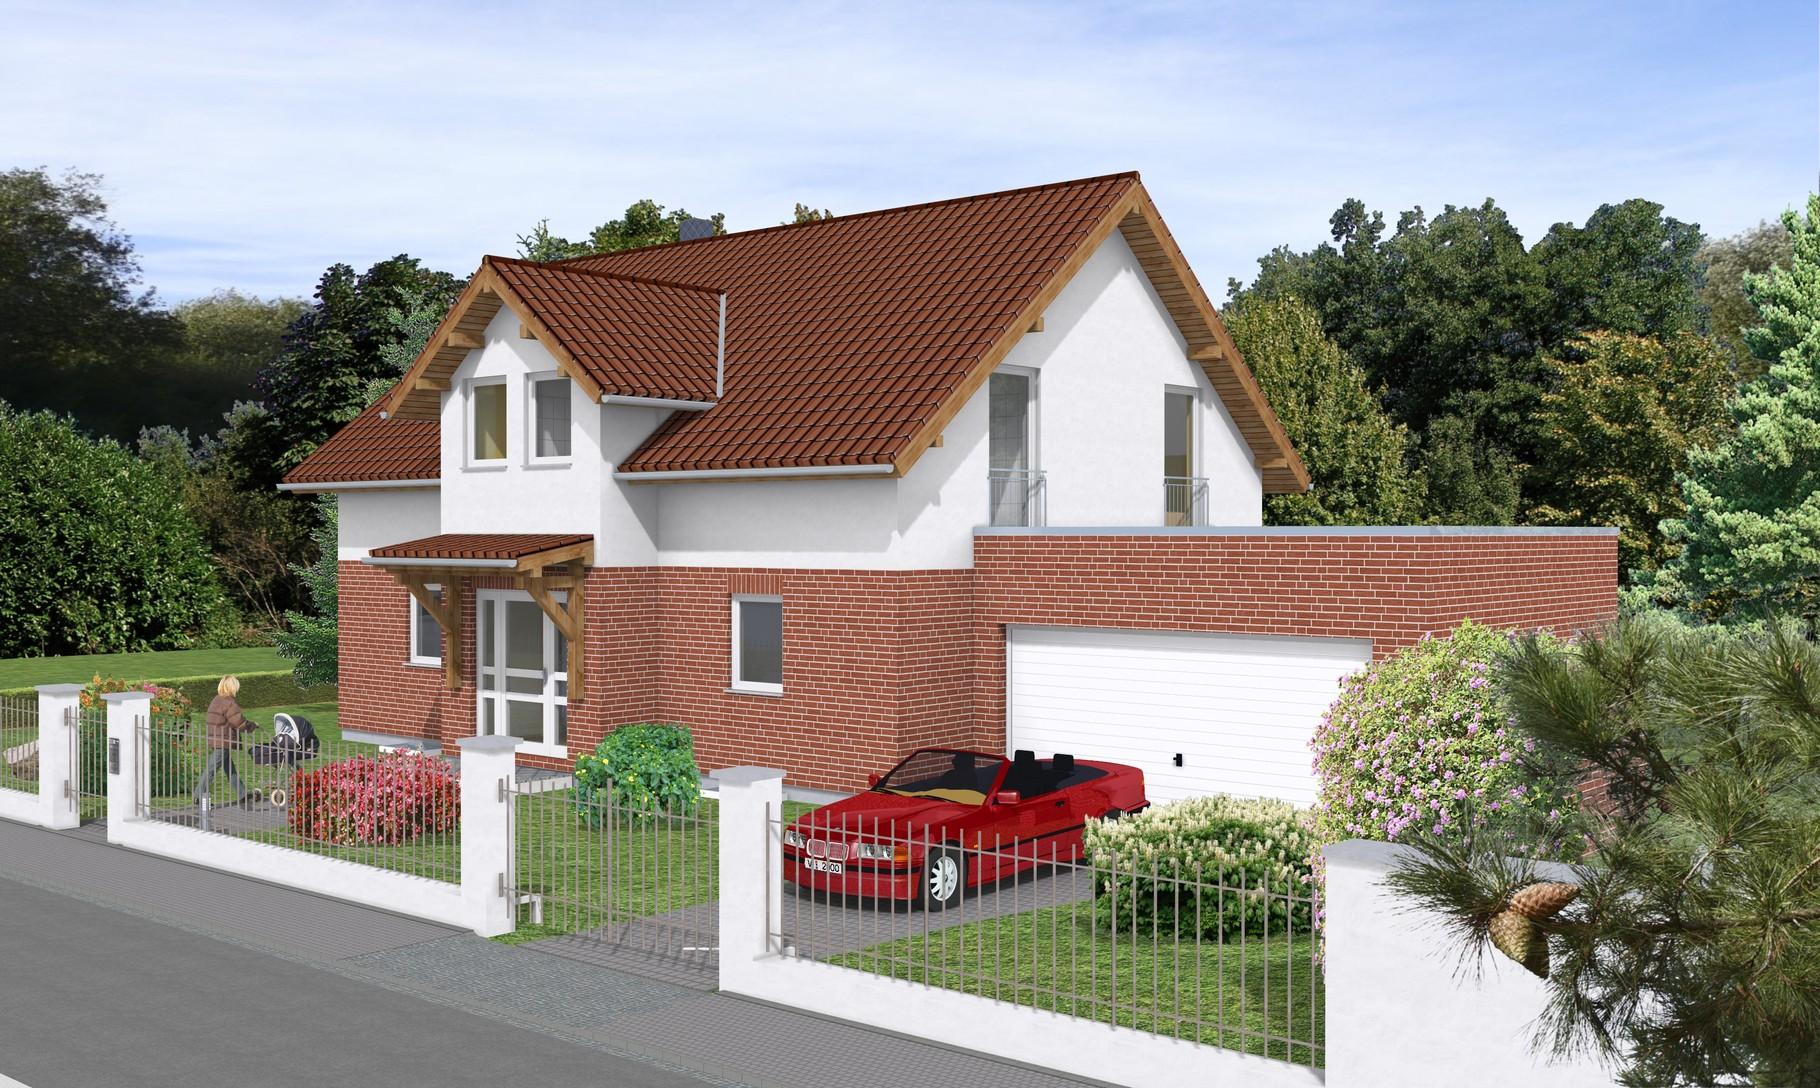 Architekturvisualisierung Für Immobilienmarketing Visualisierung